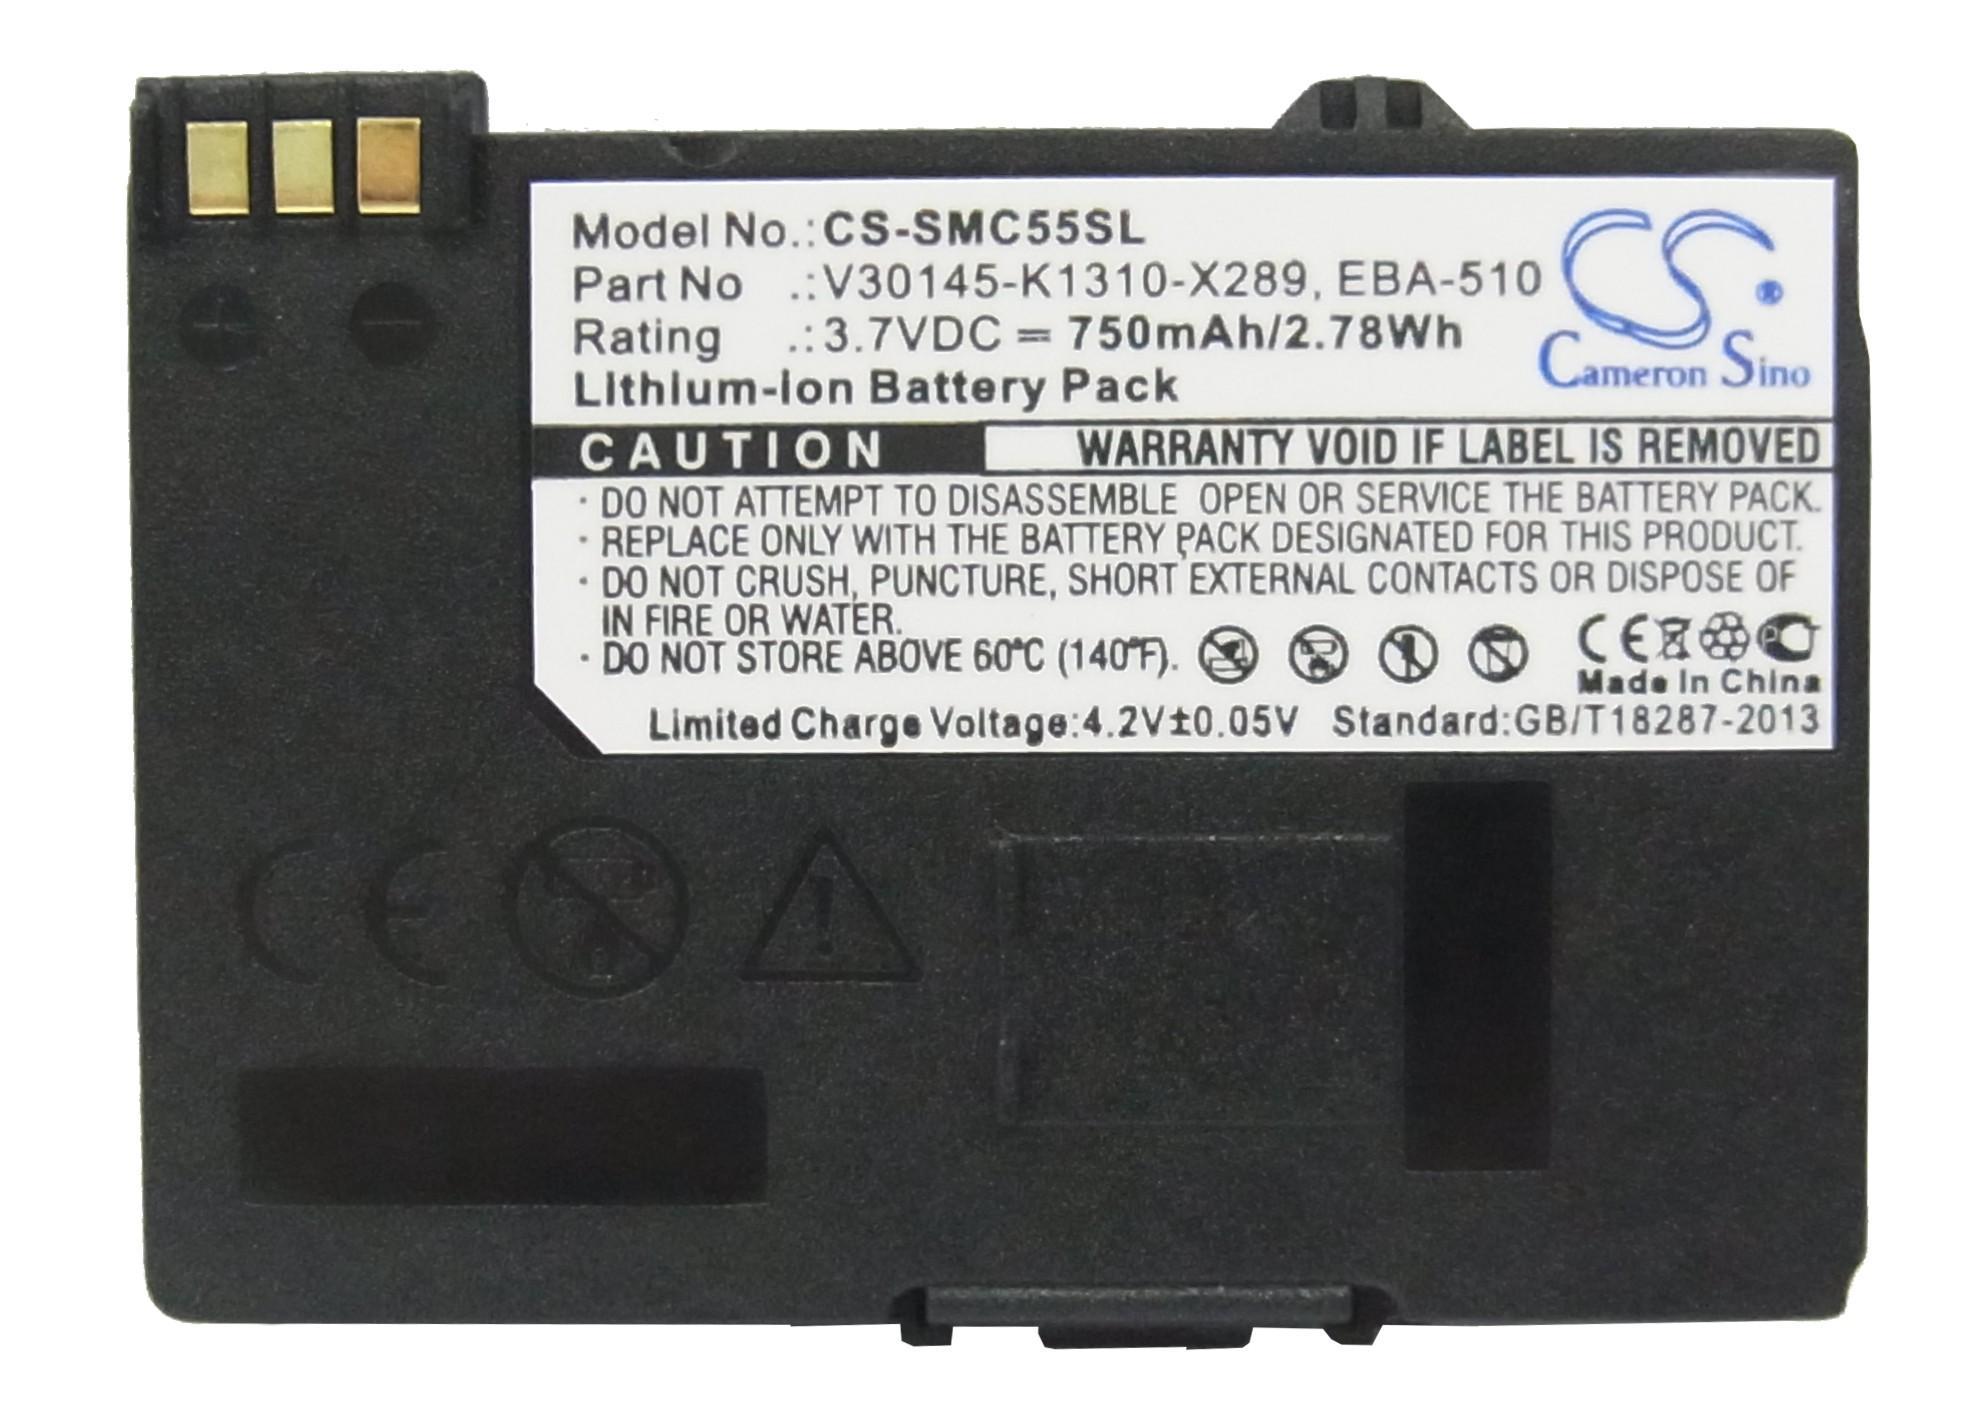 كاميرون سينو عالية الجودة 750 مللي أمبير في الساعة بطارية EBA-510 لشركة سيمنز A51 ، A52 ، A55 ، A56 ، A57 ، A60 ، A62 ، A65 ، A75 ، C55 ، C56 ، C60 ، C60 ، C61 ، C70 ، C71 ، A70